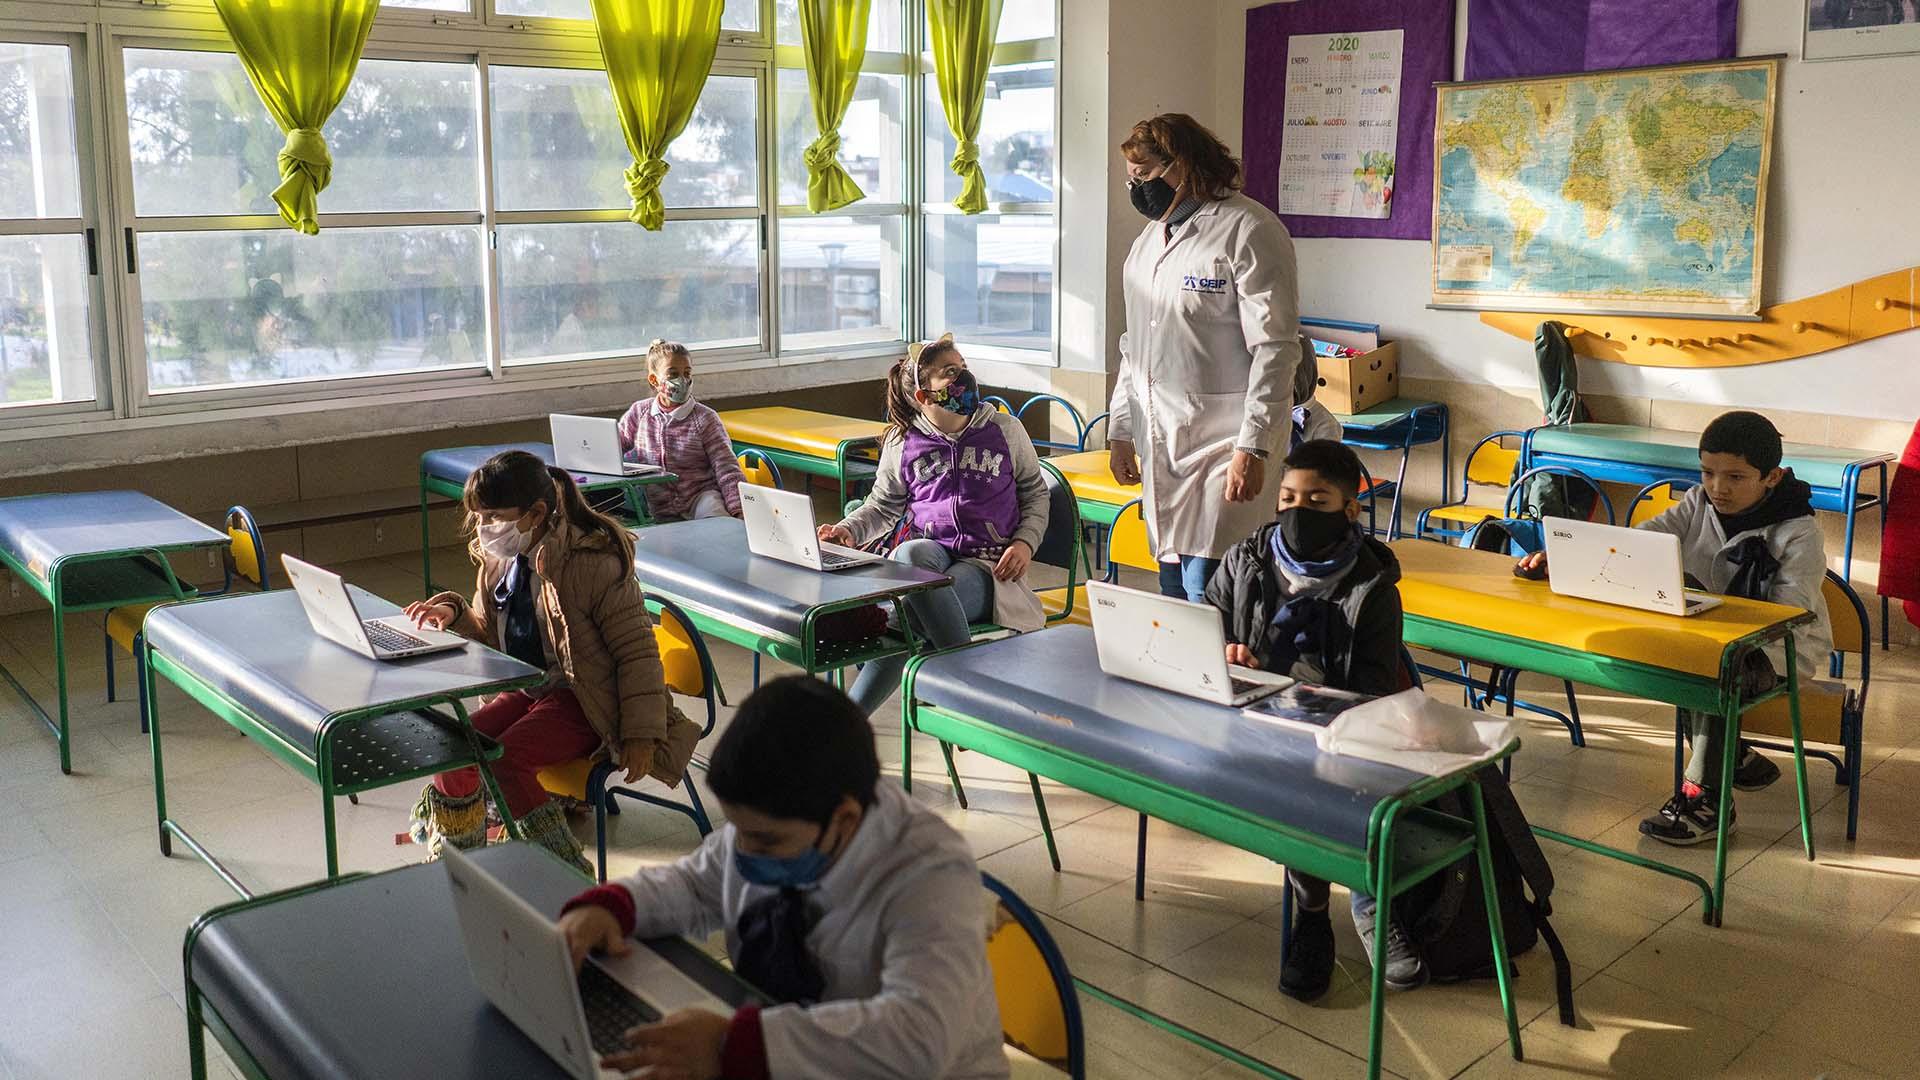 Uruguay completa la reapertura de las escuelas: 256 mil alumnos vuelven a  clase en Montevideo - Infobae